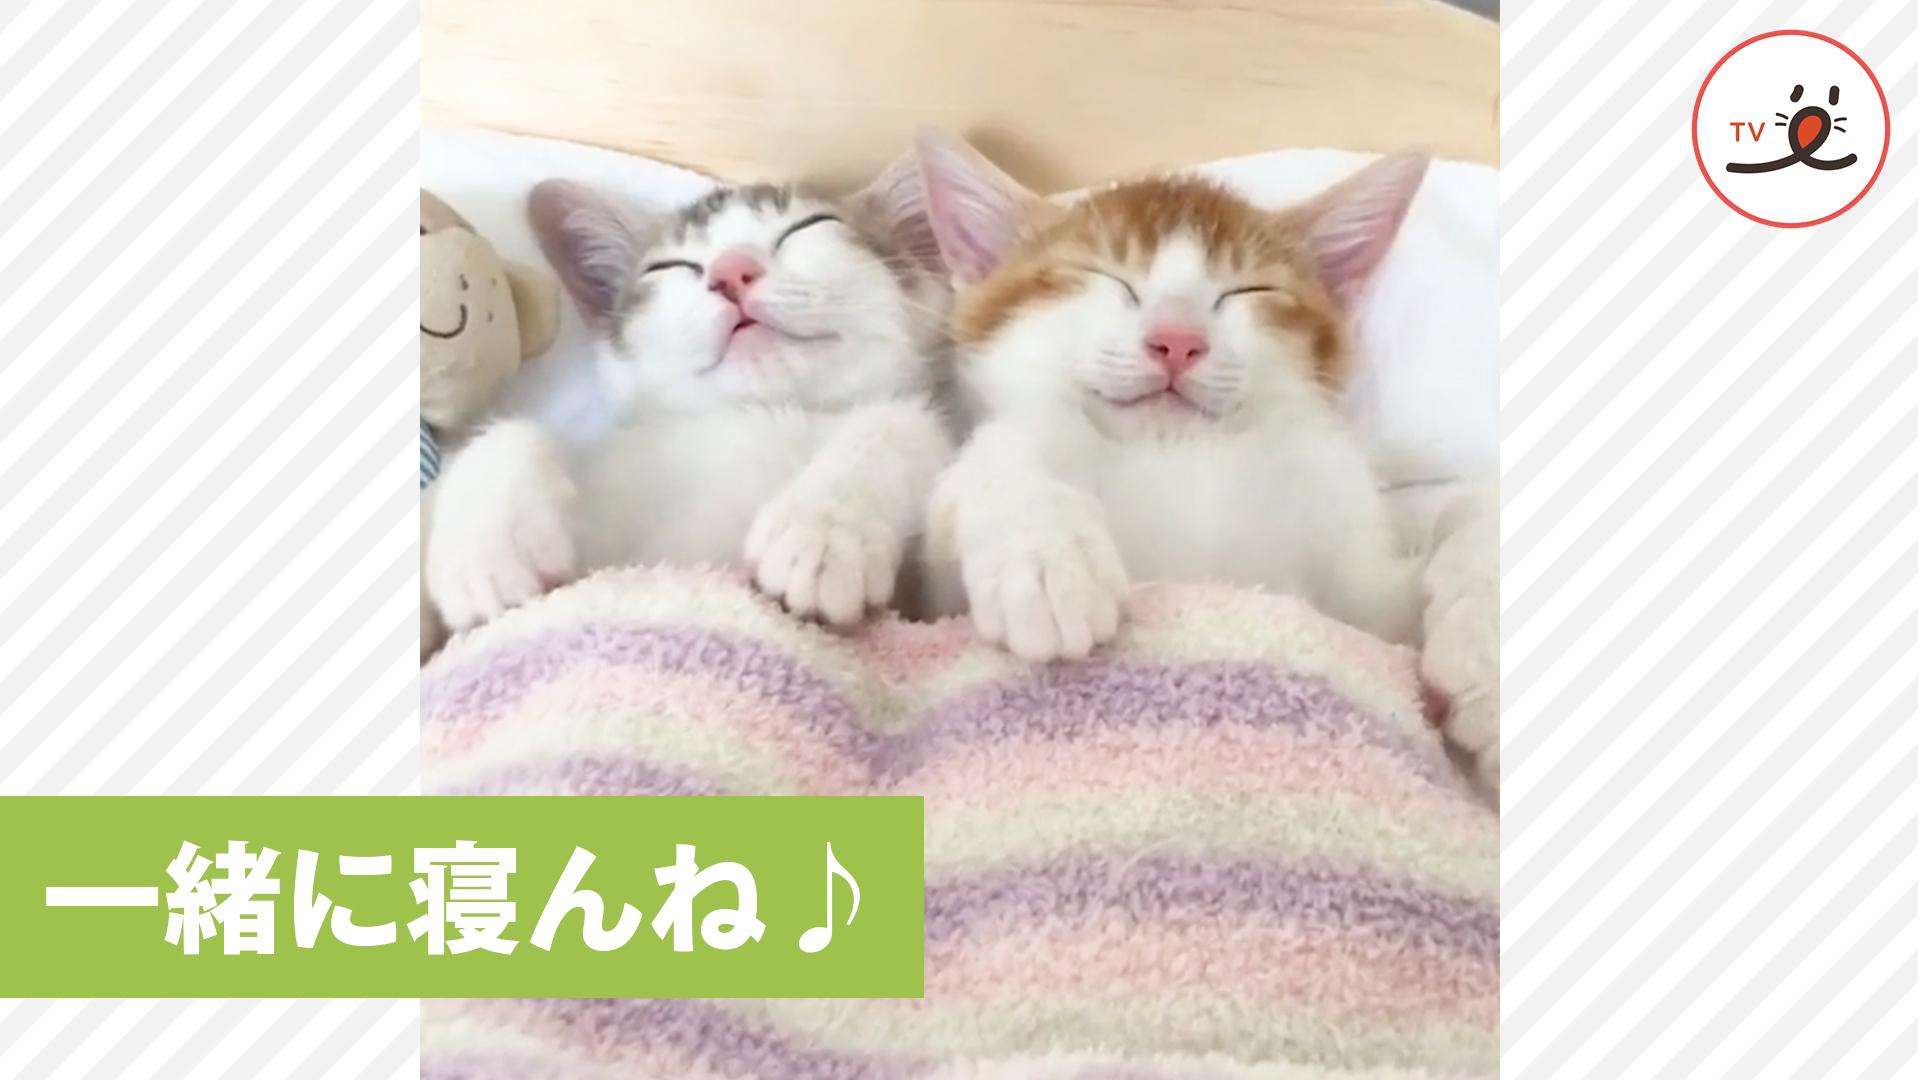 一緒に寝んね♪ ベッドでスヤスヤ双子の子猫